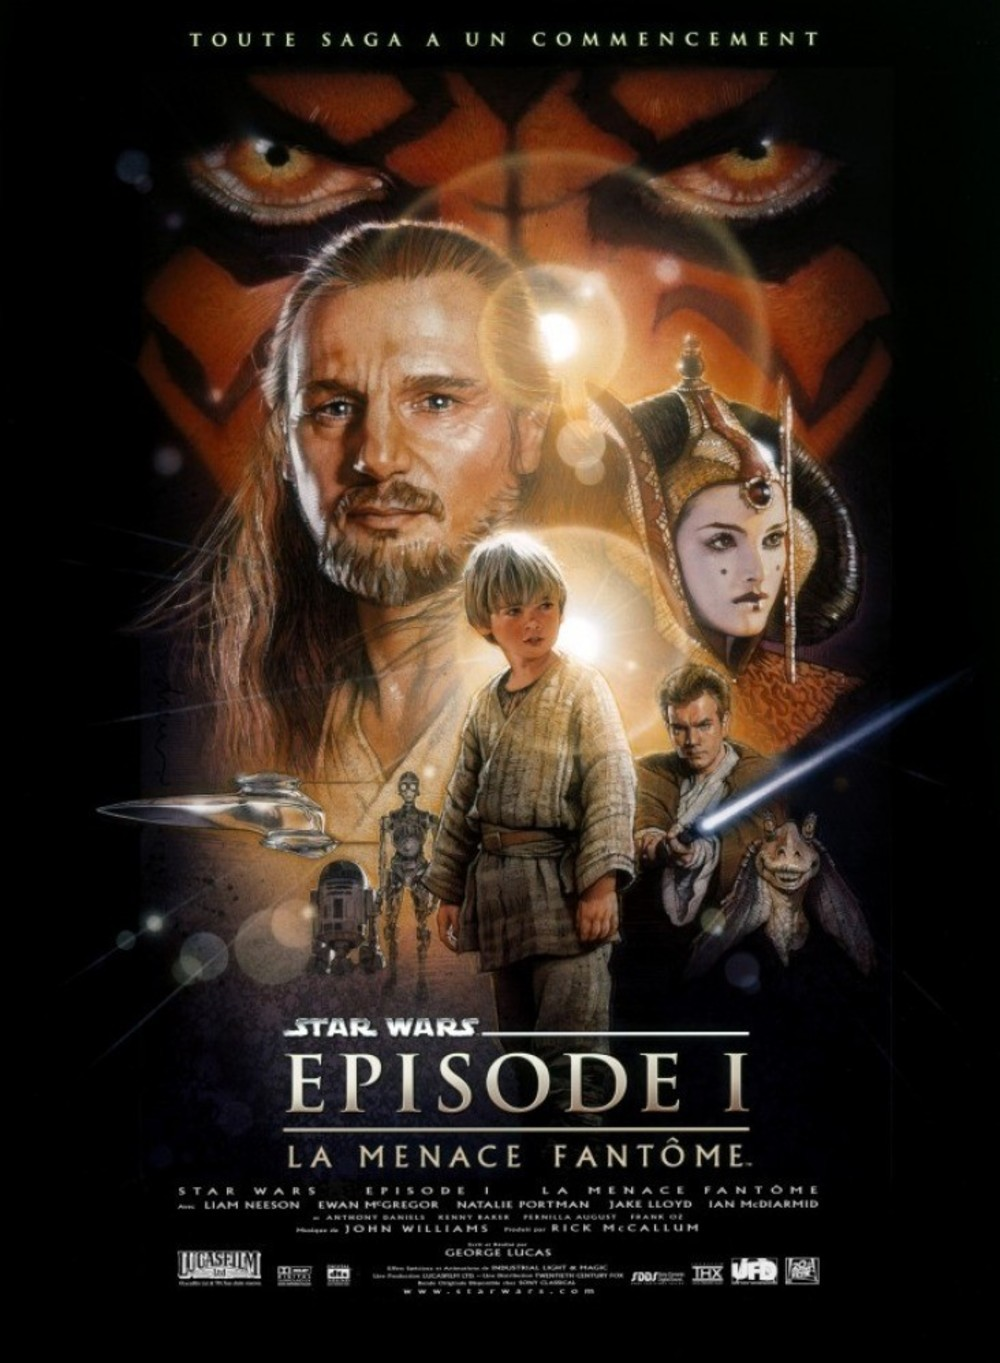 affiche du film Star Wars : Épisode 1 - La menace fantôme